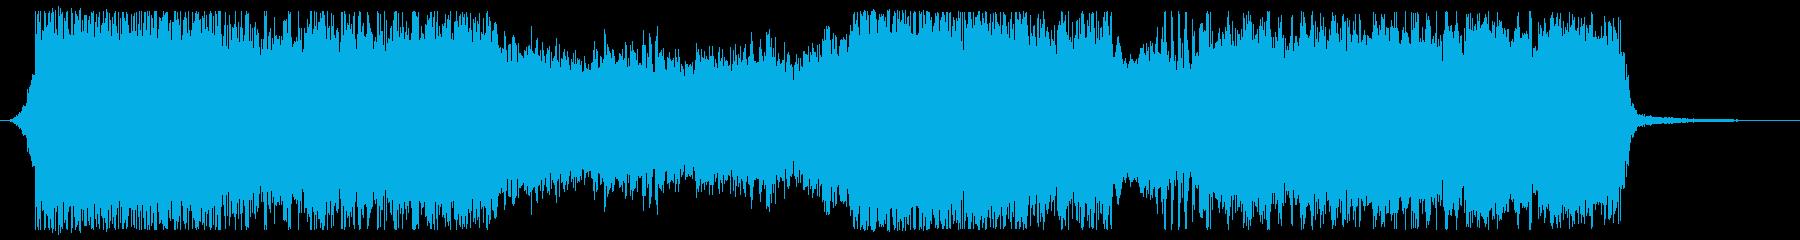 荘厳でガチンコ感のある15秒OPの再生済みの波形